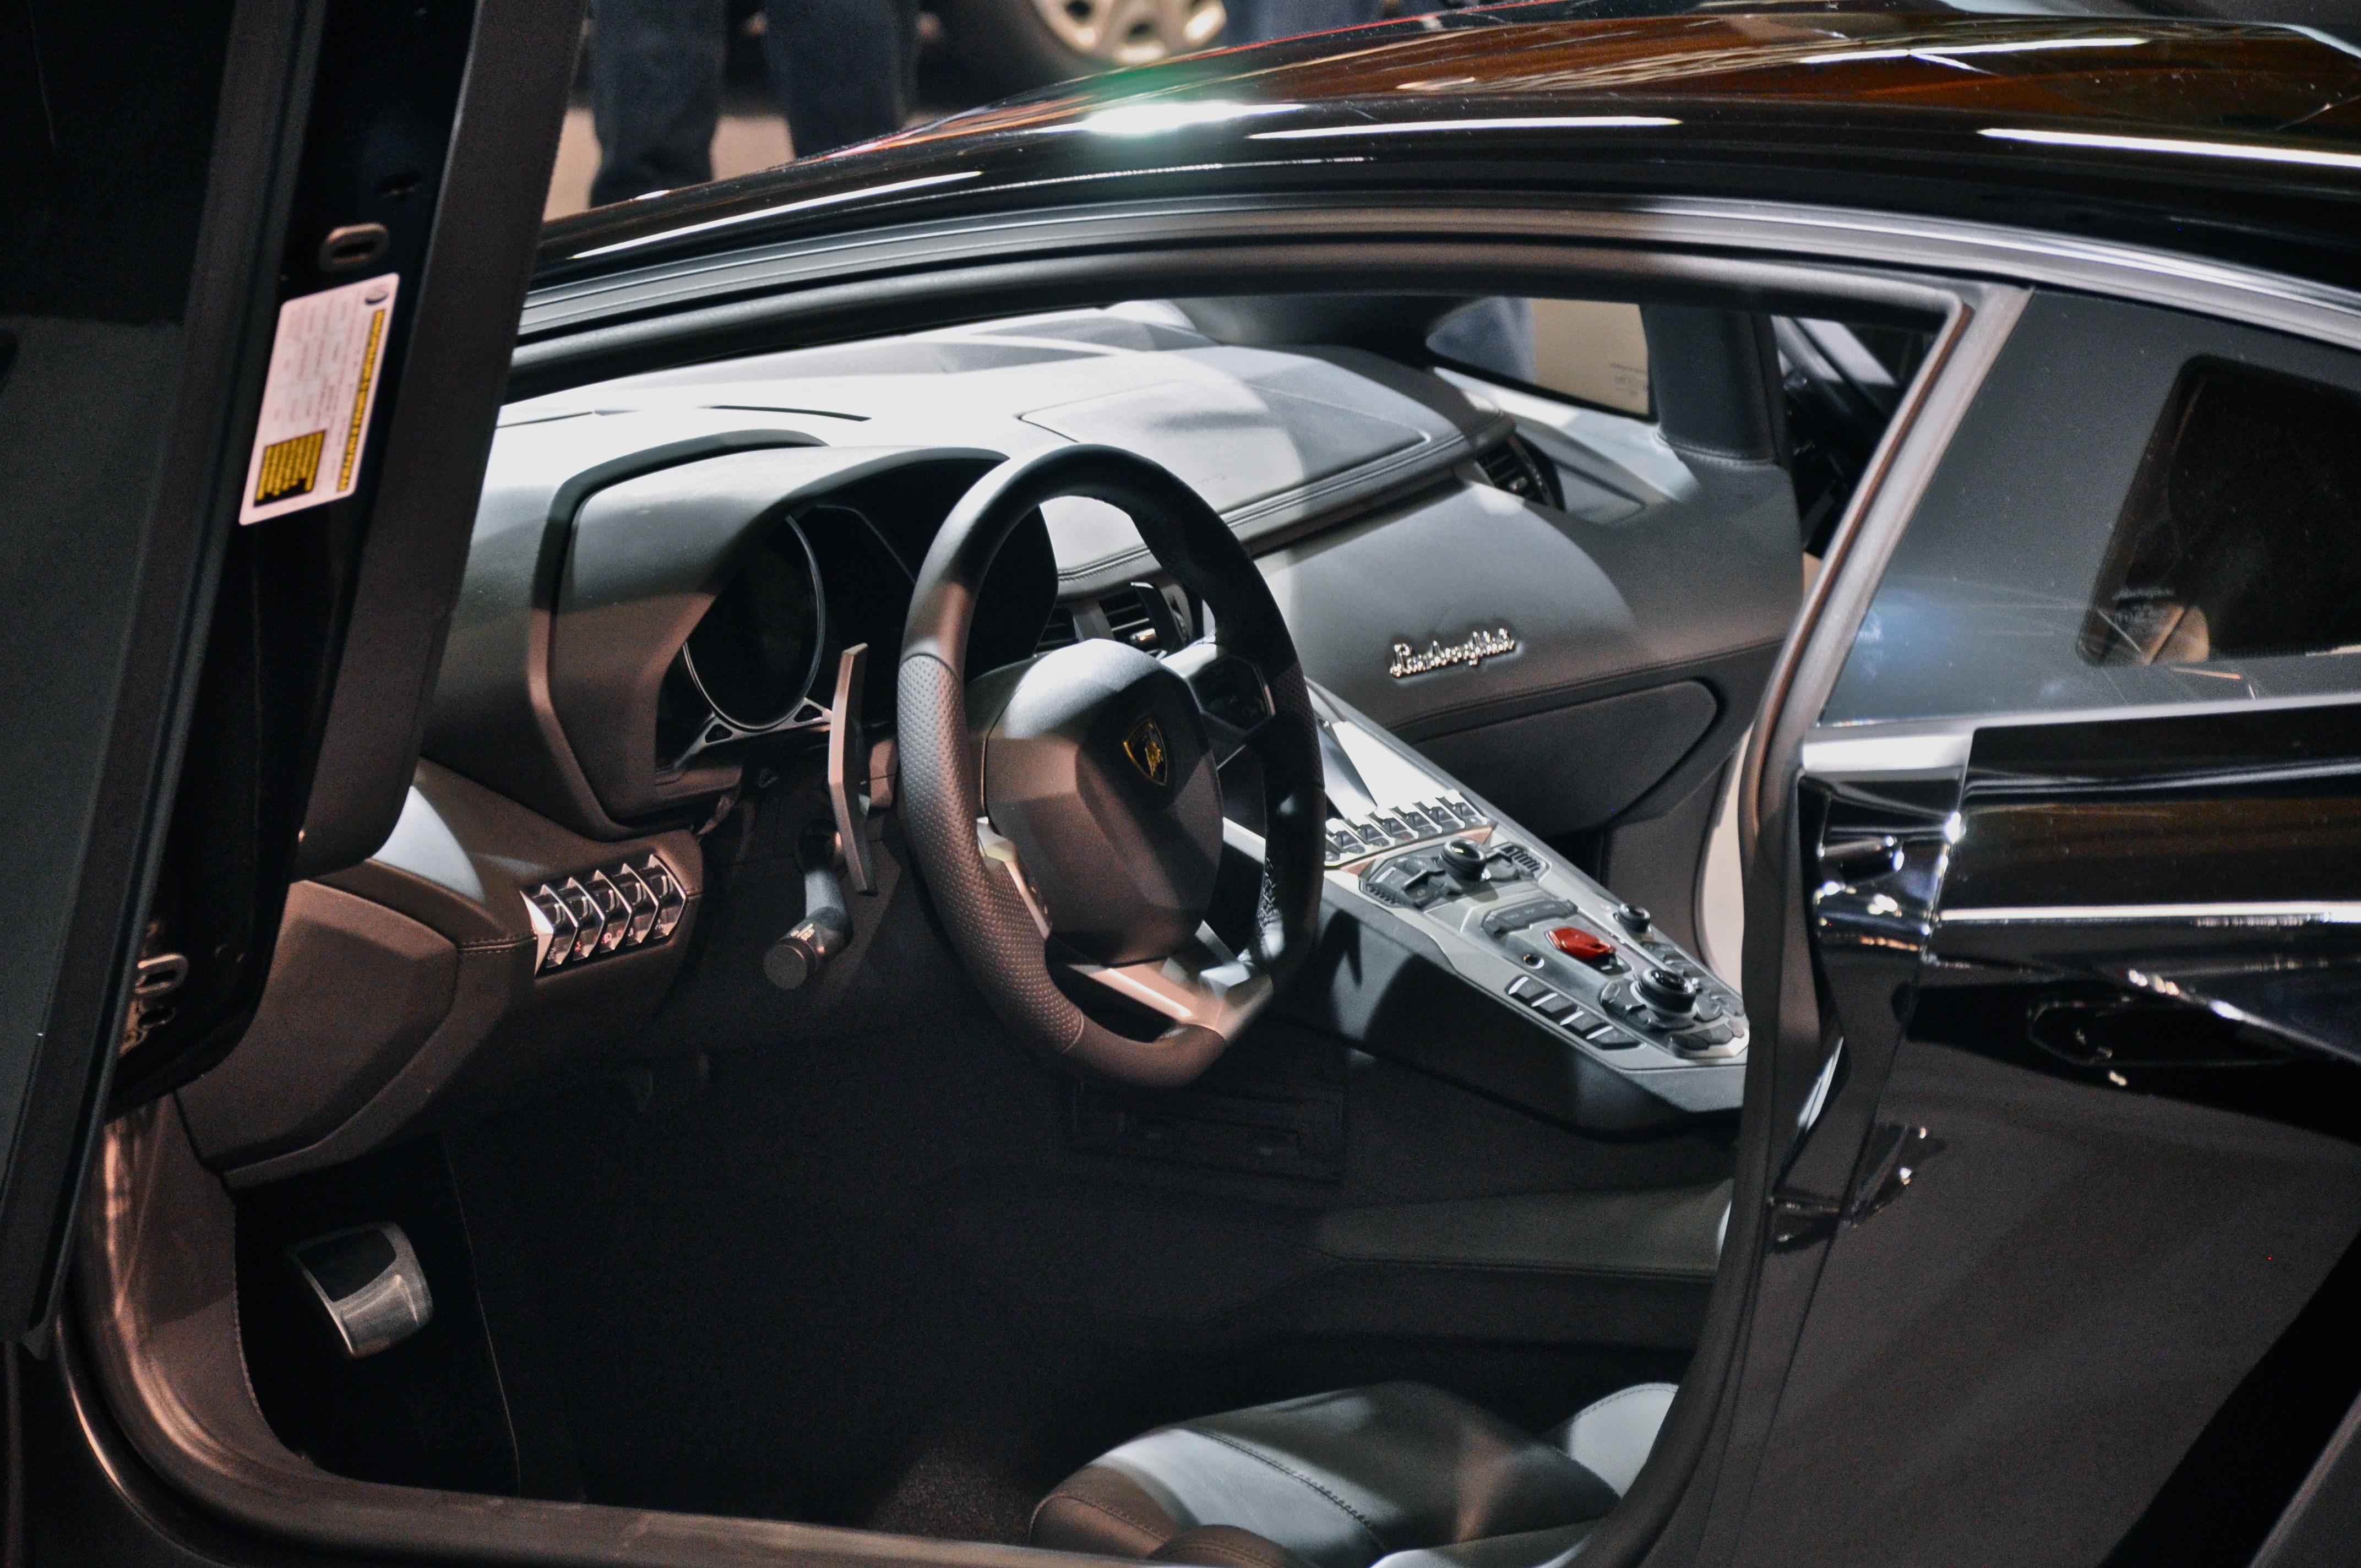 Lamborghini Veneno Wiki >> File:Lamborghini Aventador interior.JPG - Wikimedia Commons